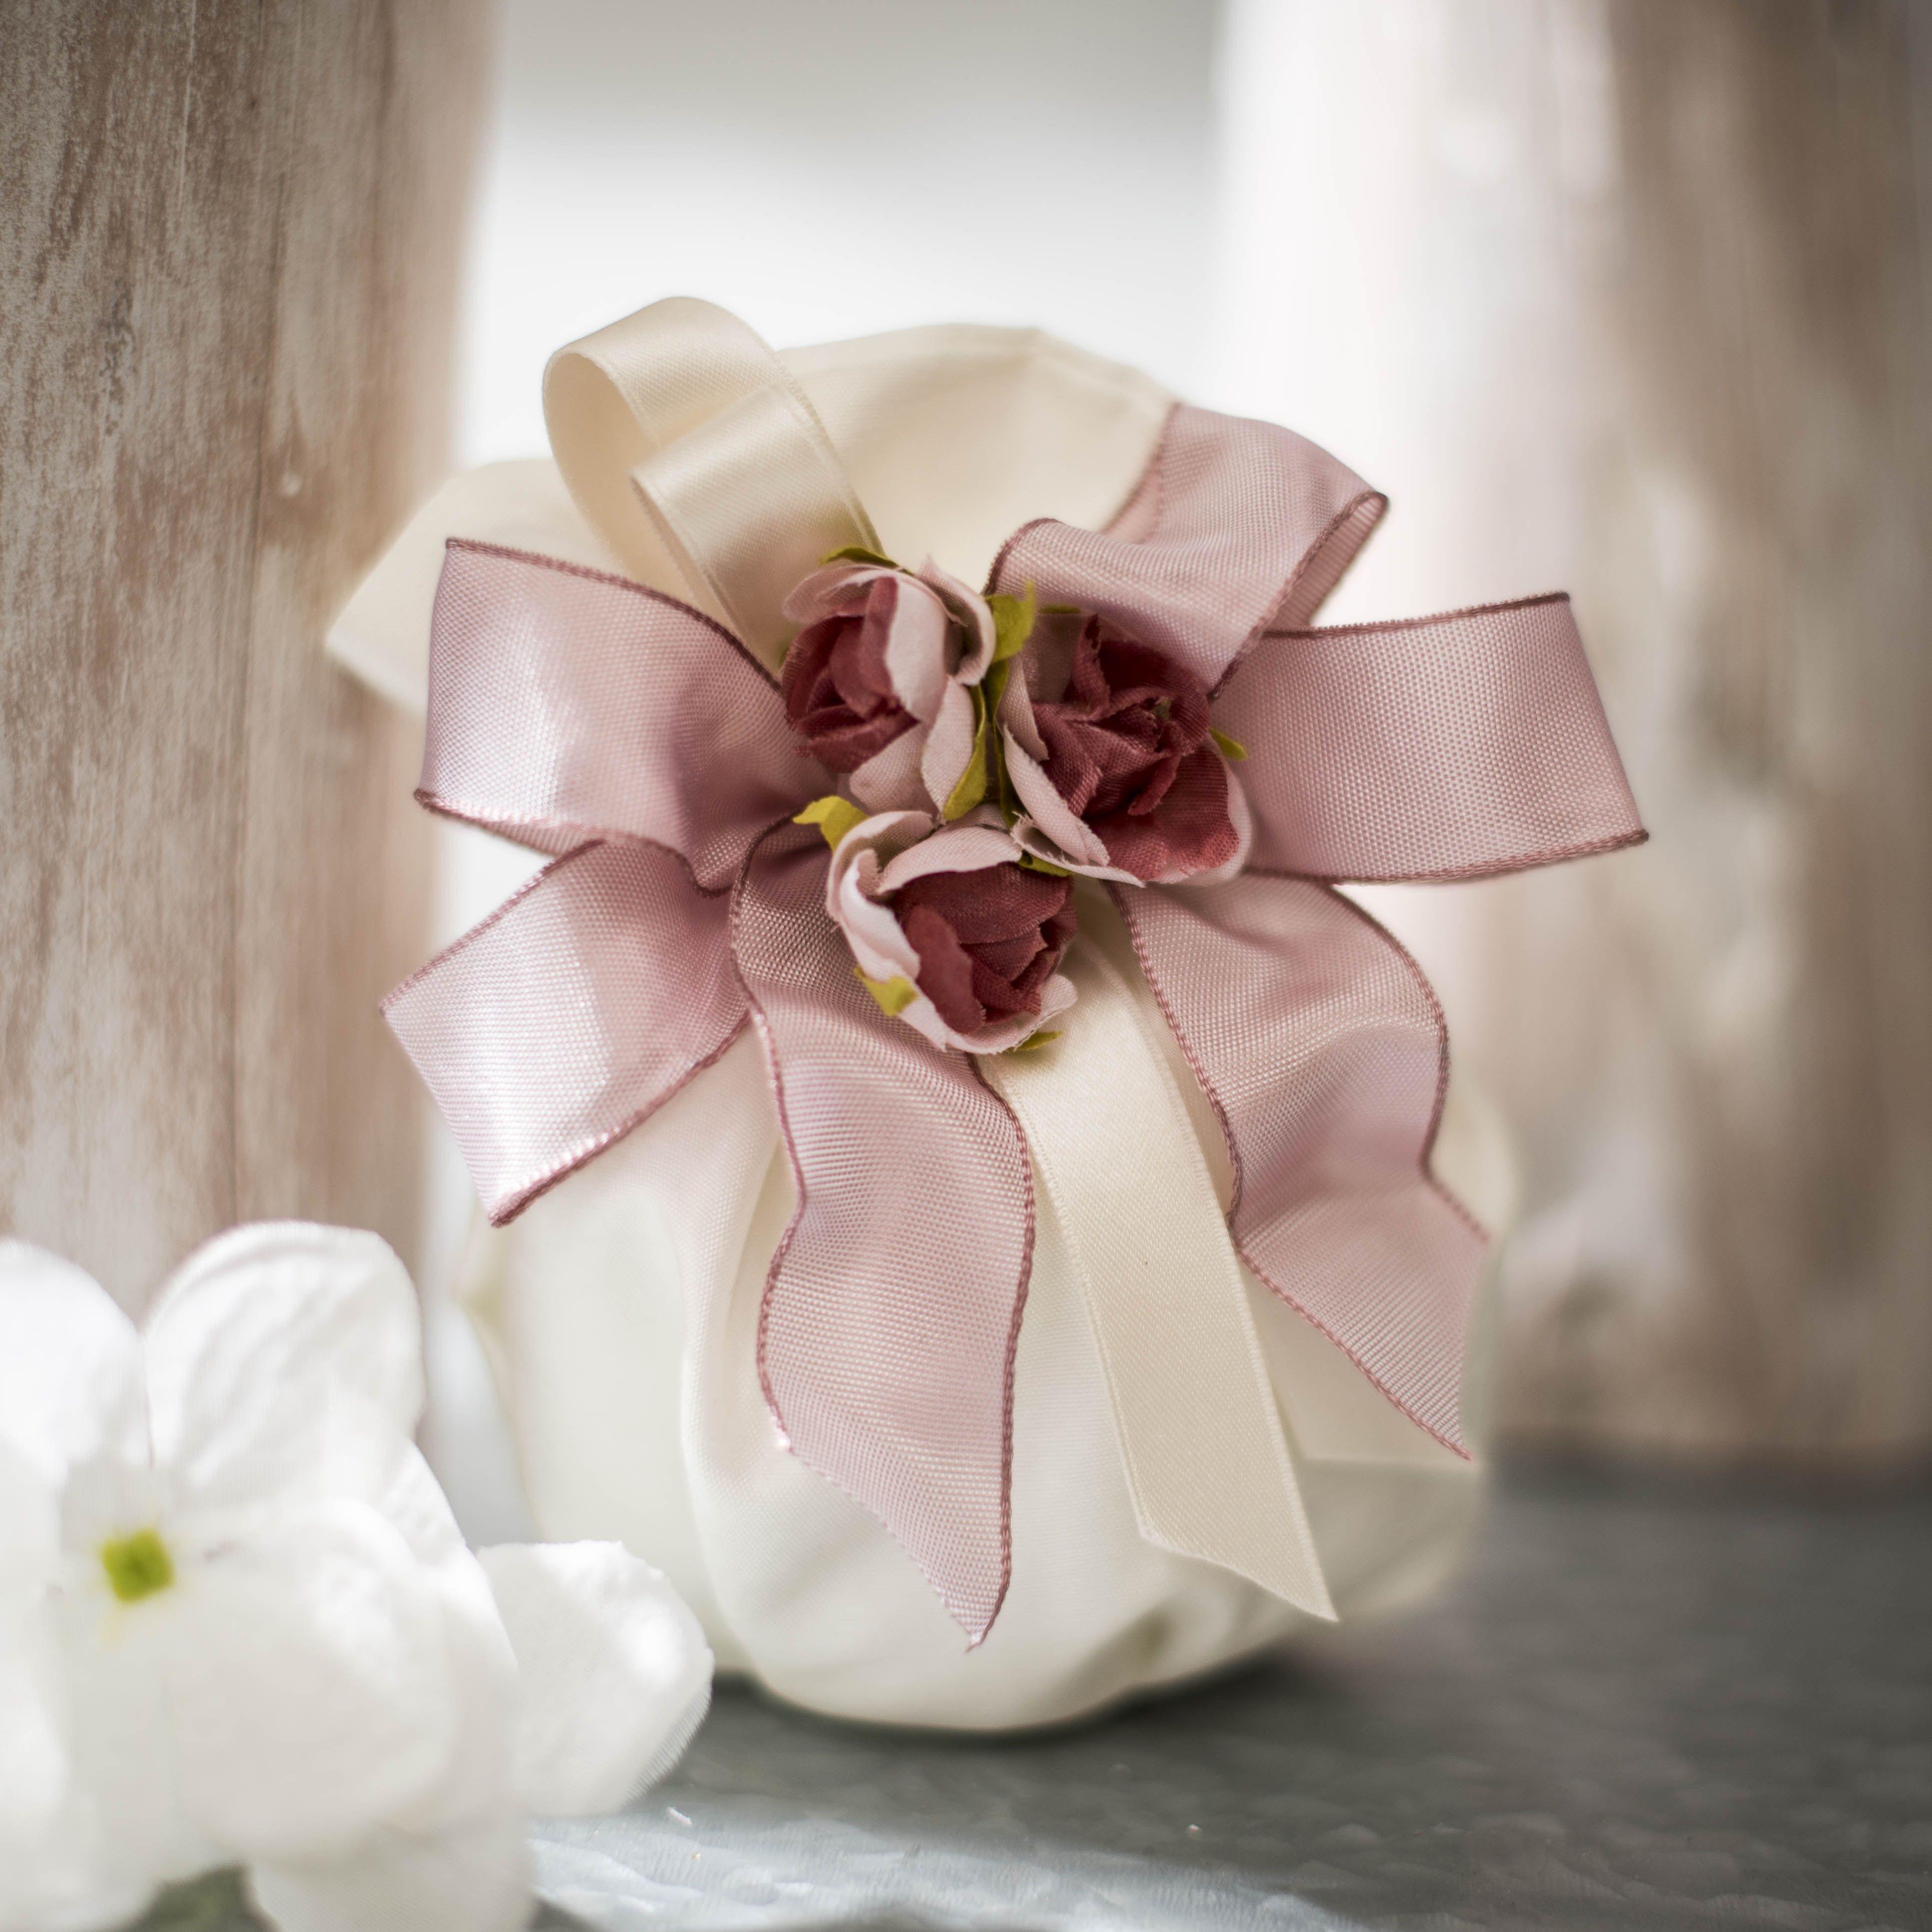 Sacchettino Porta Confetti Con Decorazione Rosa Antico Perfetto Per Matrimoni Romantici Bomboniere Italiane Bomboniere Uniche Regalo Di Nozze